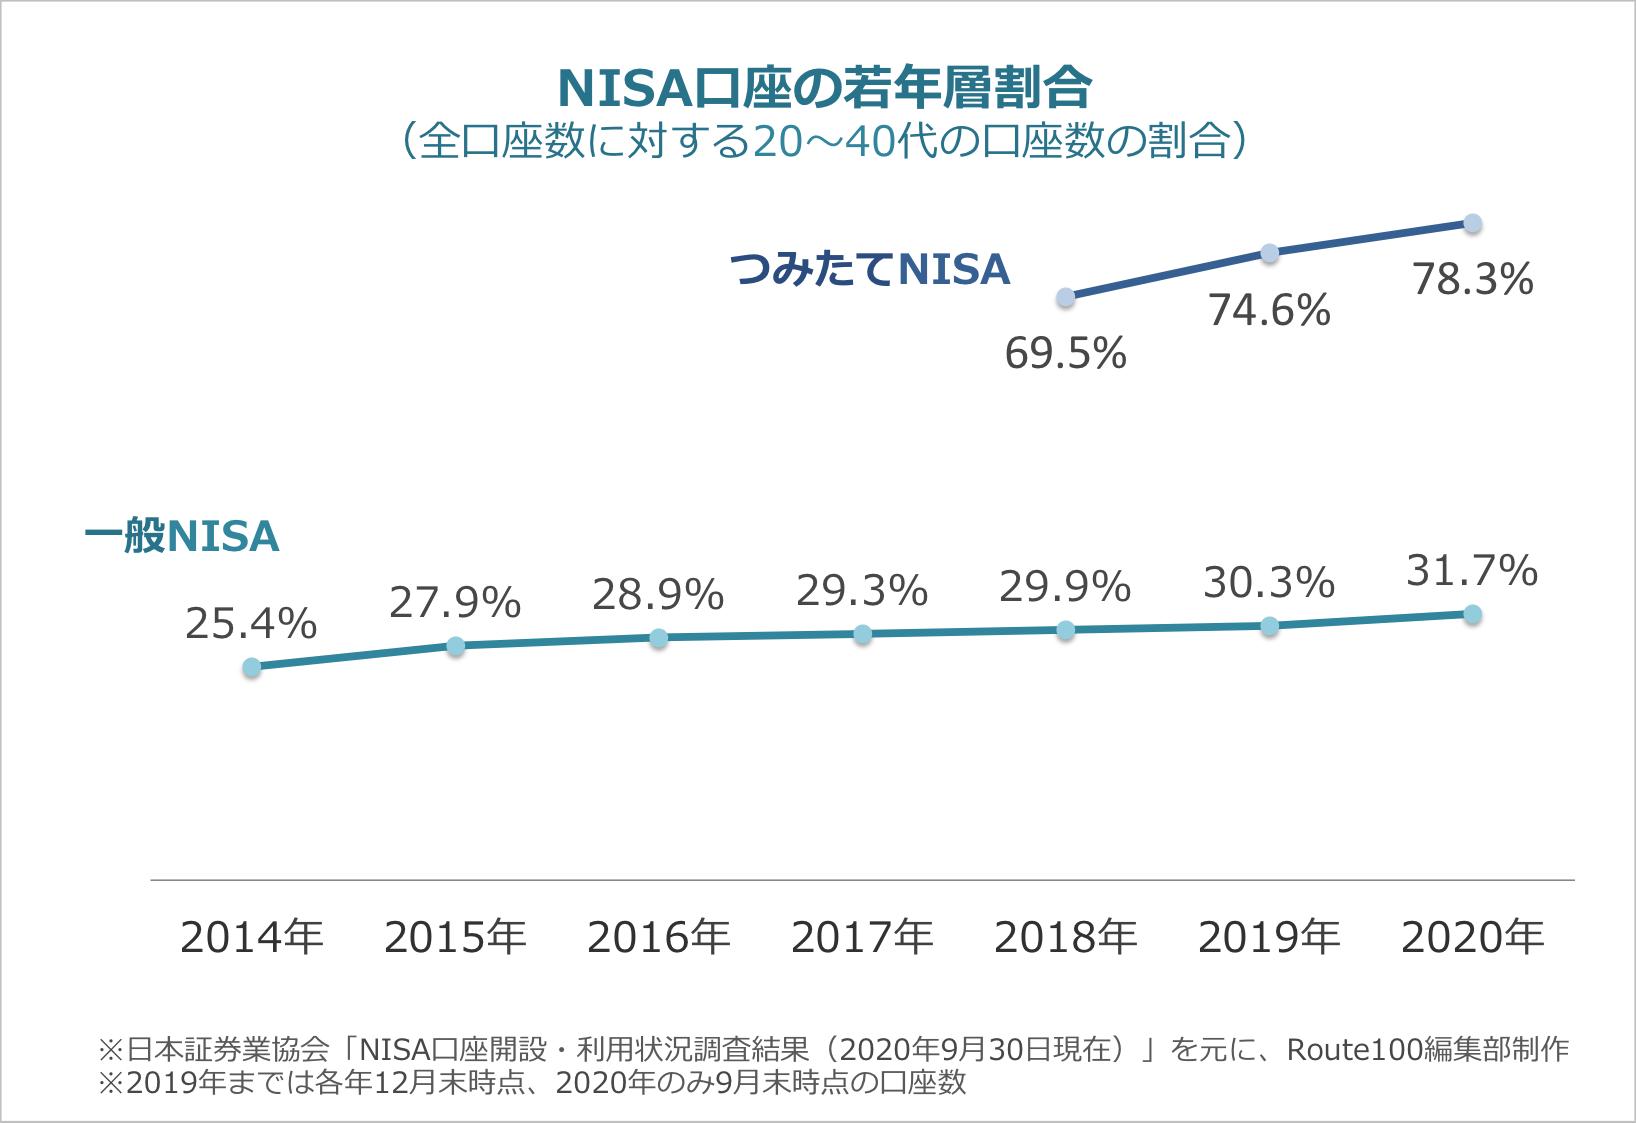 NISA口座の若年層割合